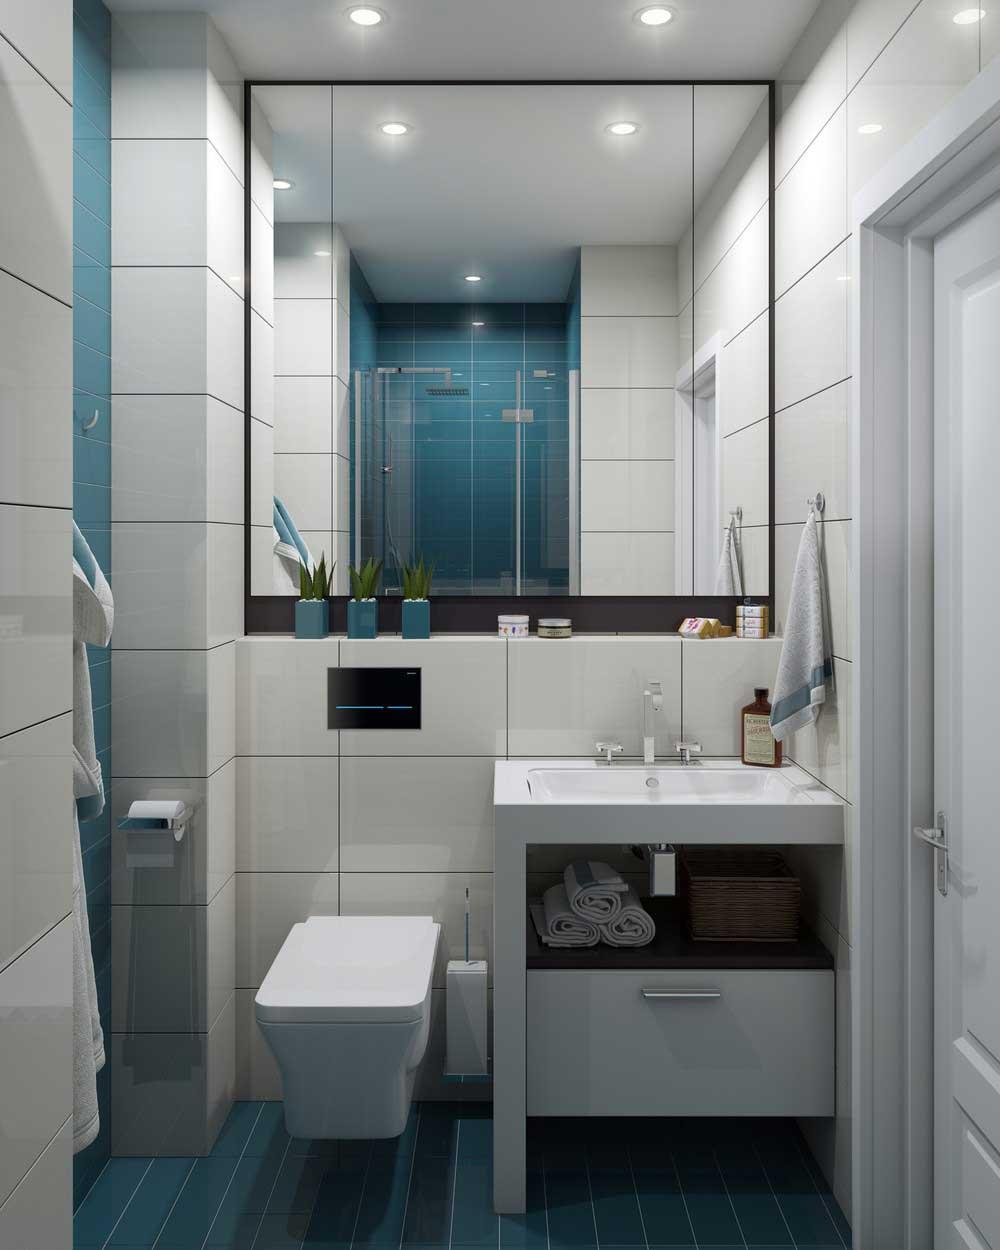 dizajn vannoj komnaty 3 kvadratnyh metrov foto 2016 sovremennye idei 13 - Идеи для ремонта в маленькой ванной